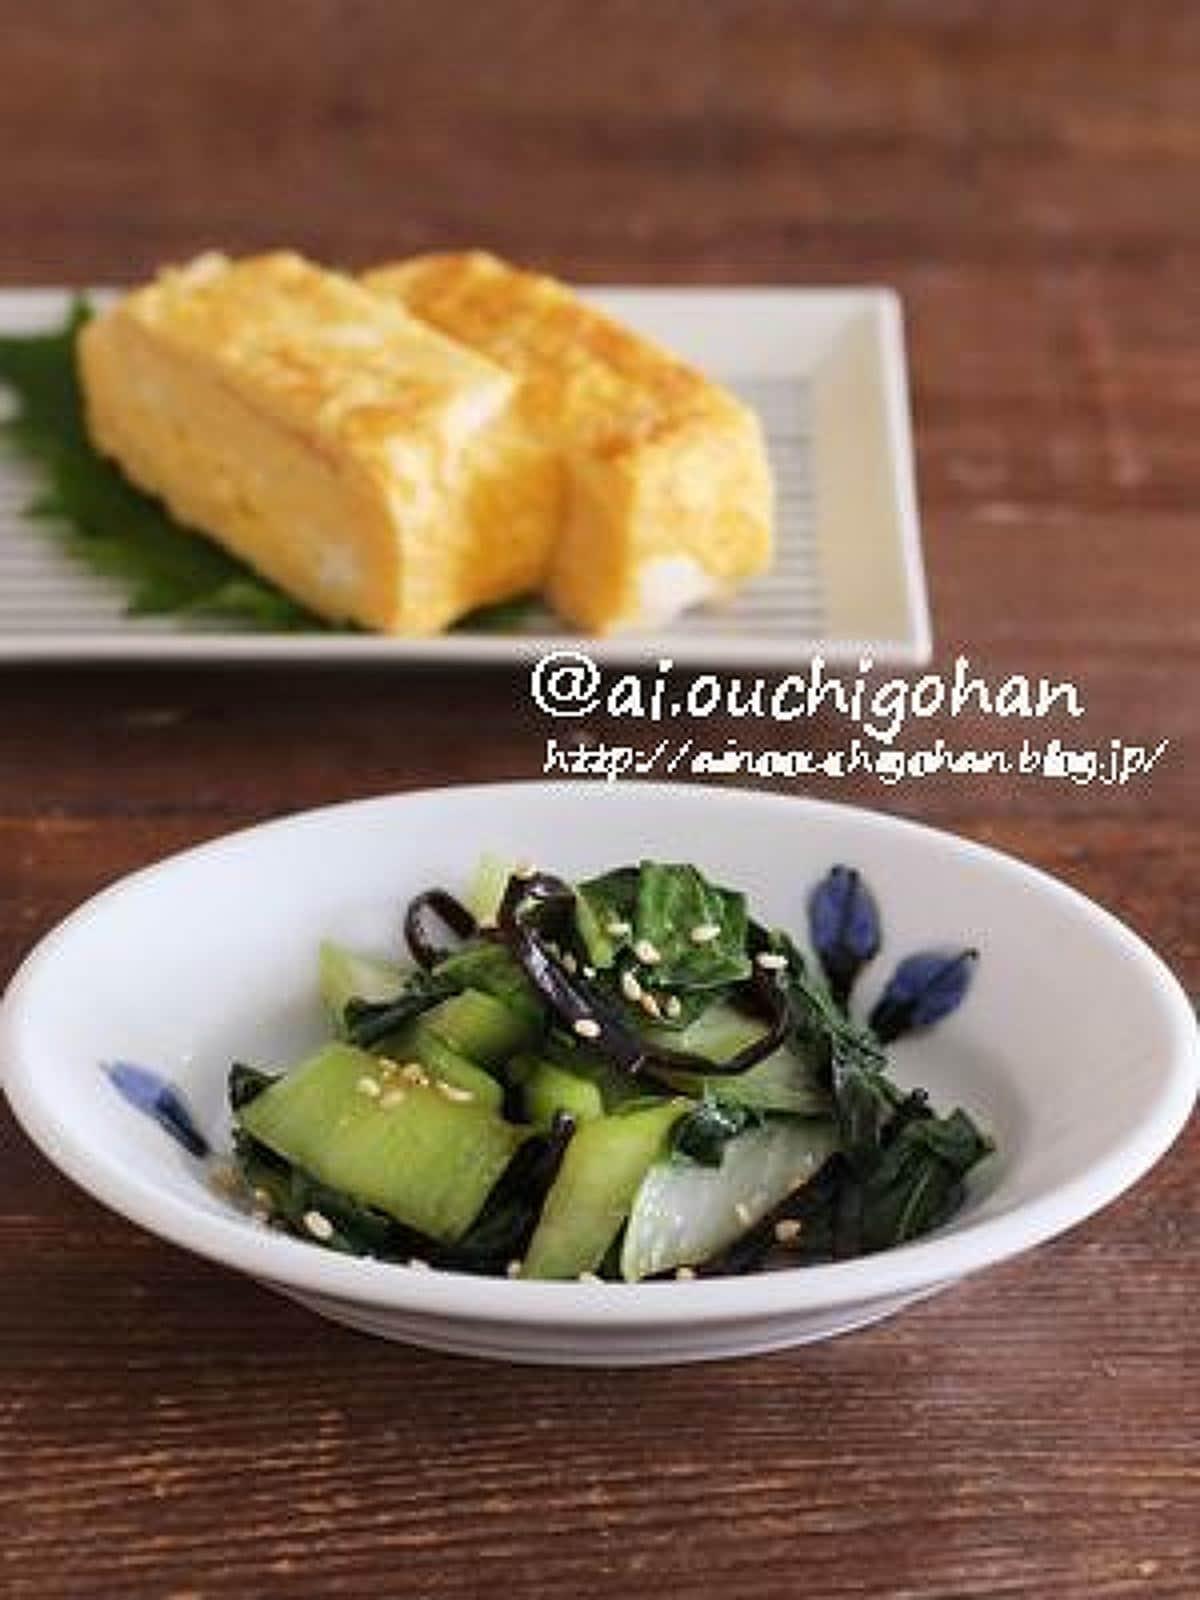 お弁当のおかずにもおすすめ*チンゲン菜と塩こんぶのごま油炒め